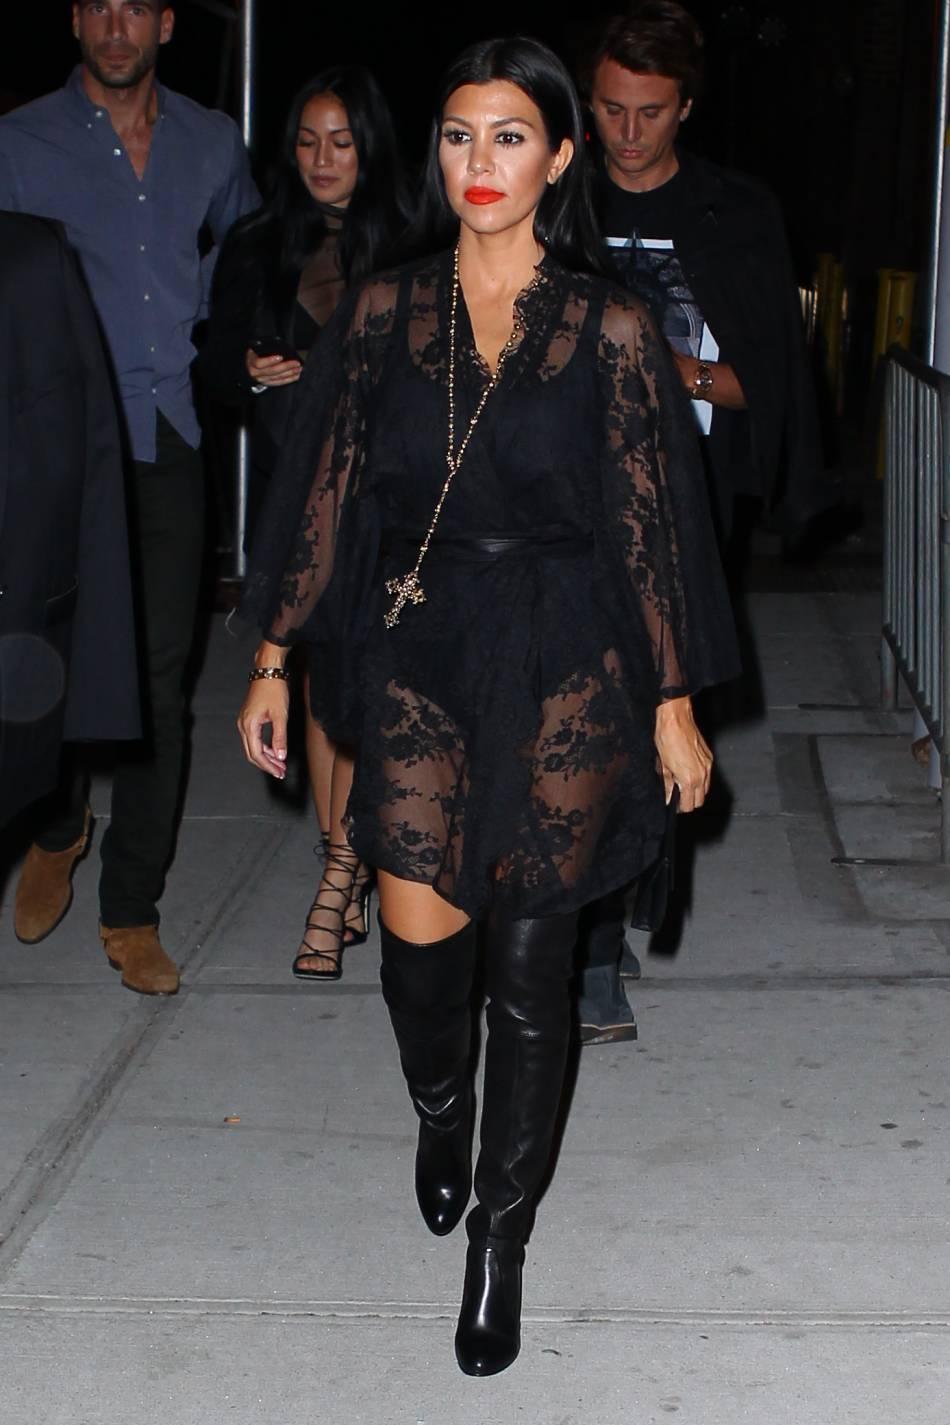 Kourtney Kardashian, beaucoup plus sexy depuis qu'elle a quitté Scott Disick